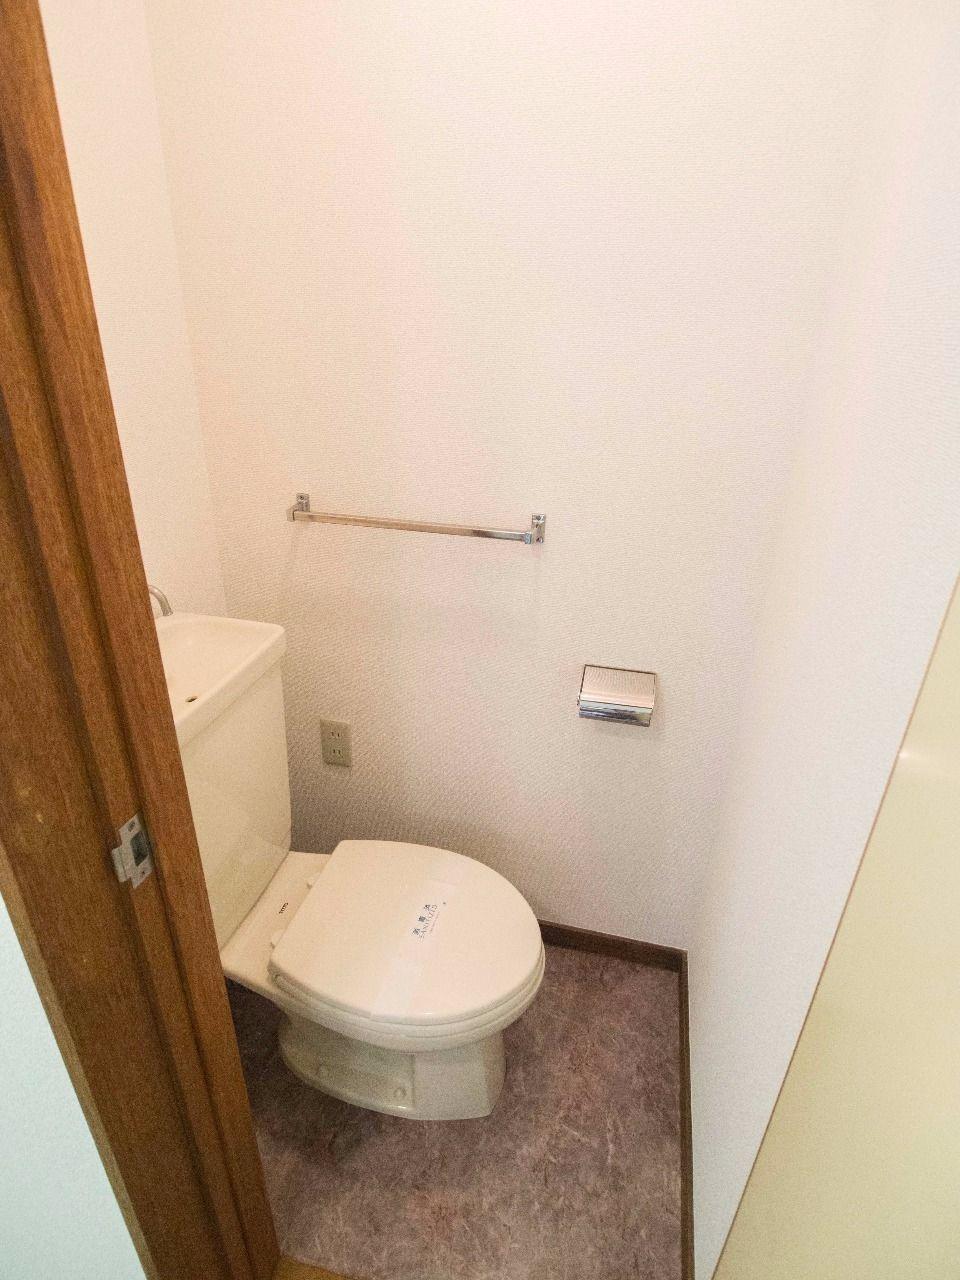 温水洗浄便座に交換可能なように壁にコンセントあり